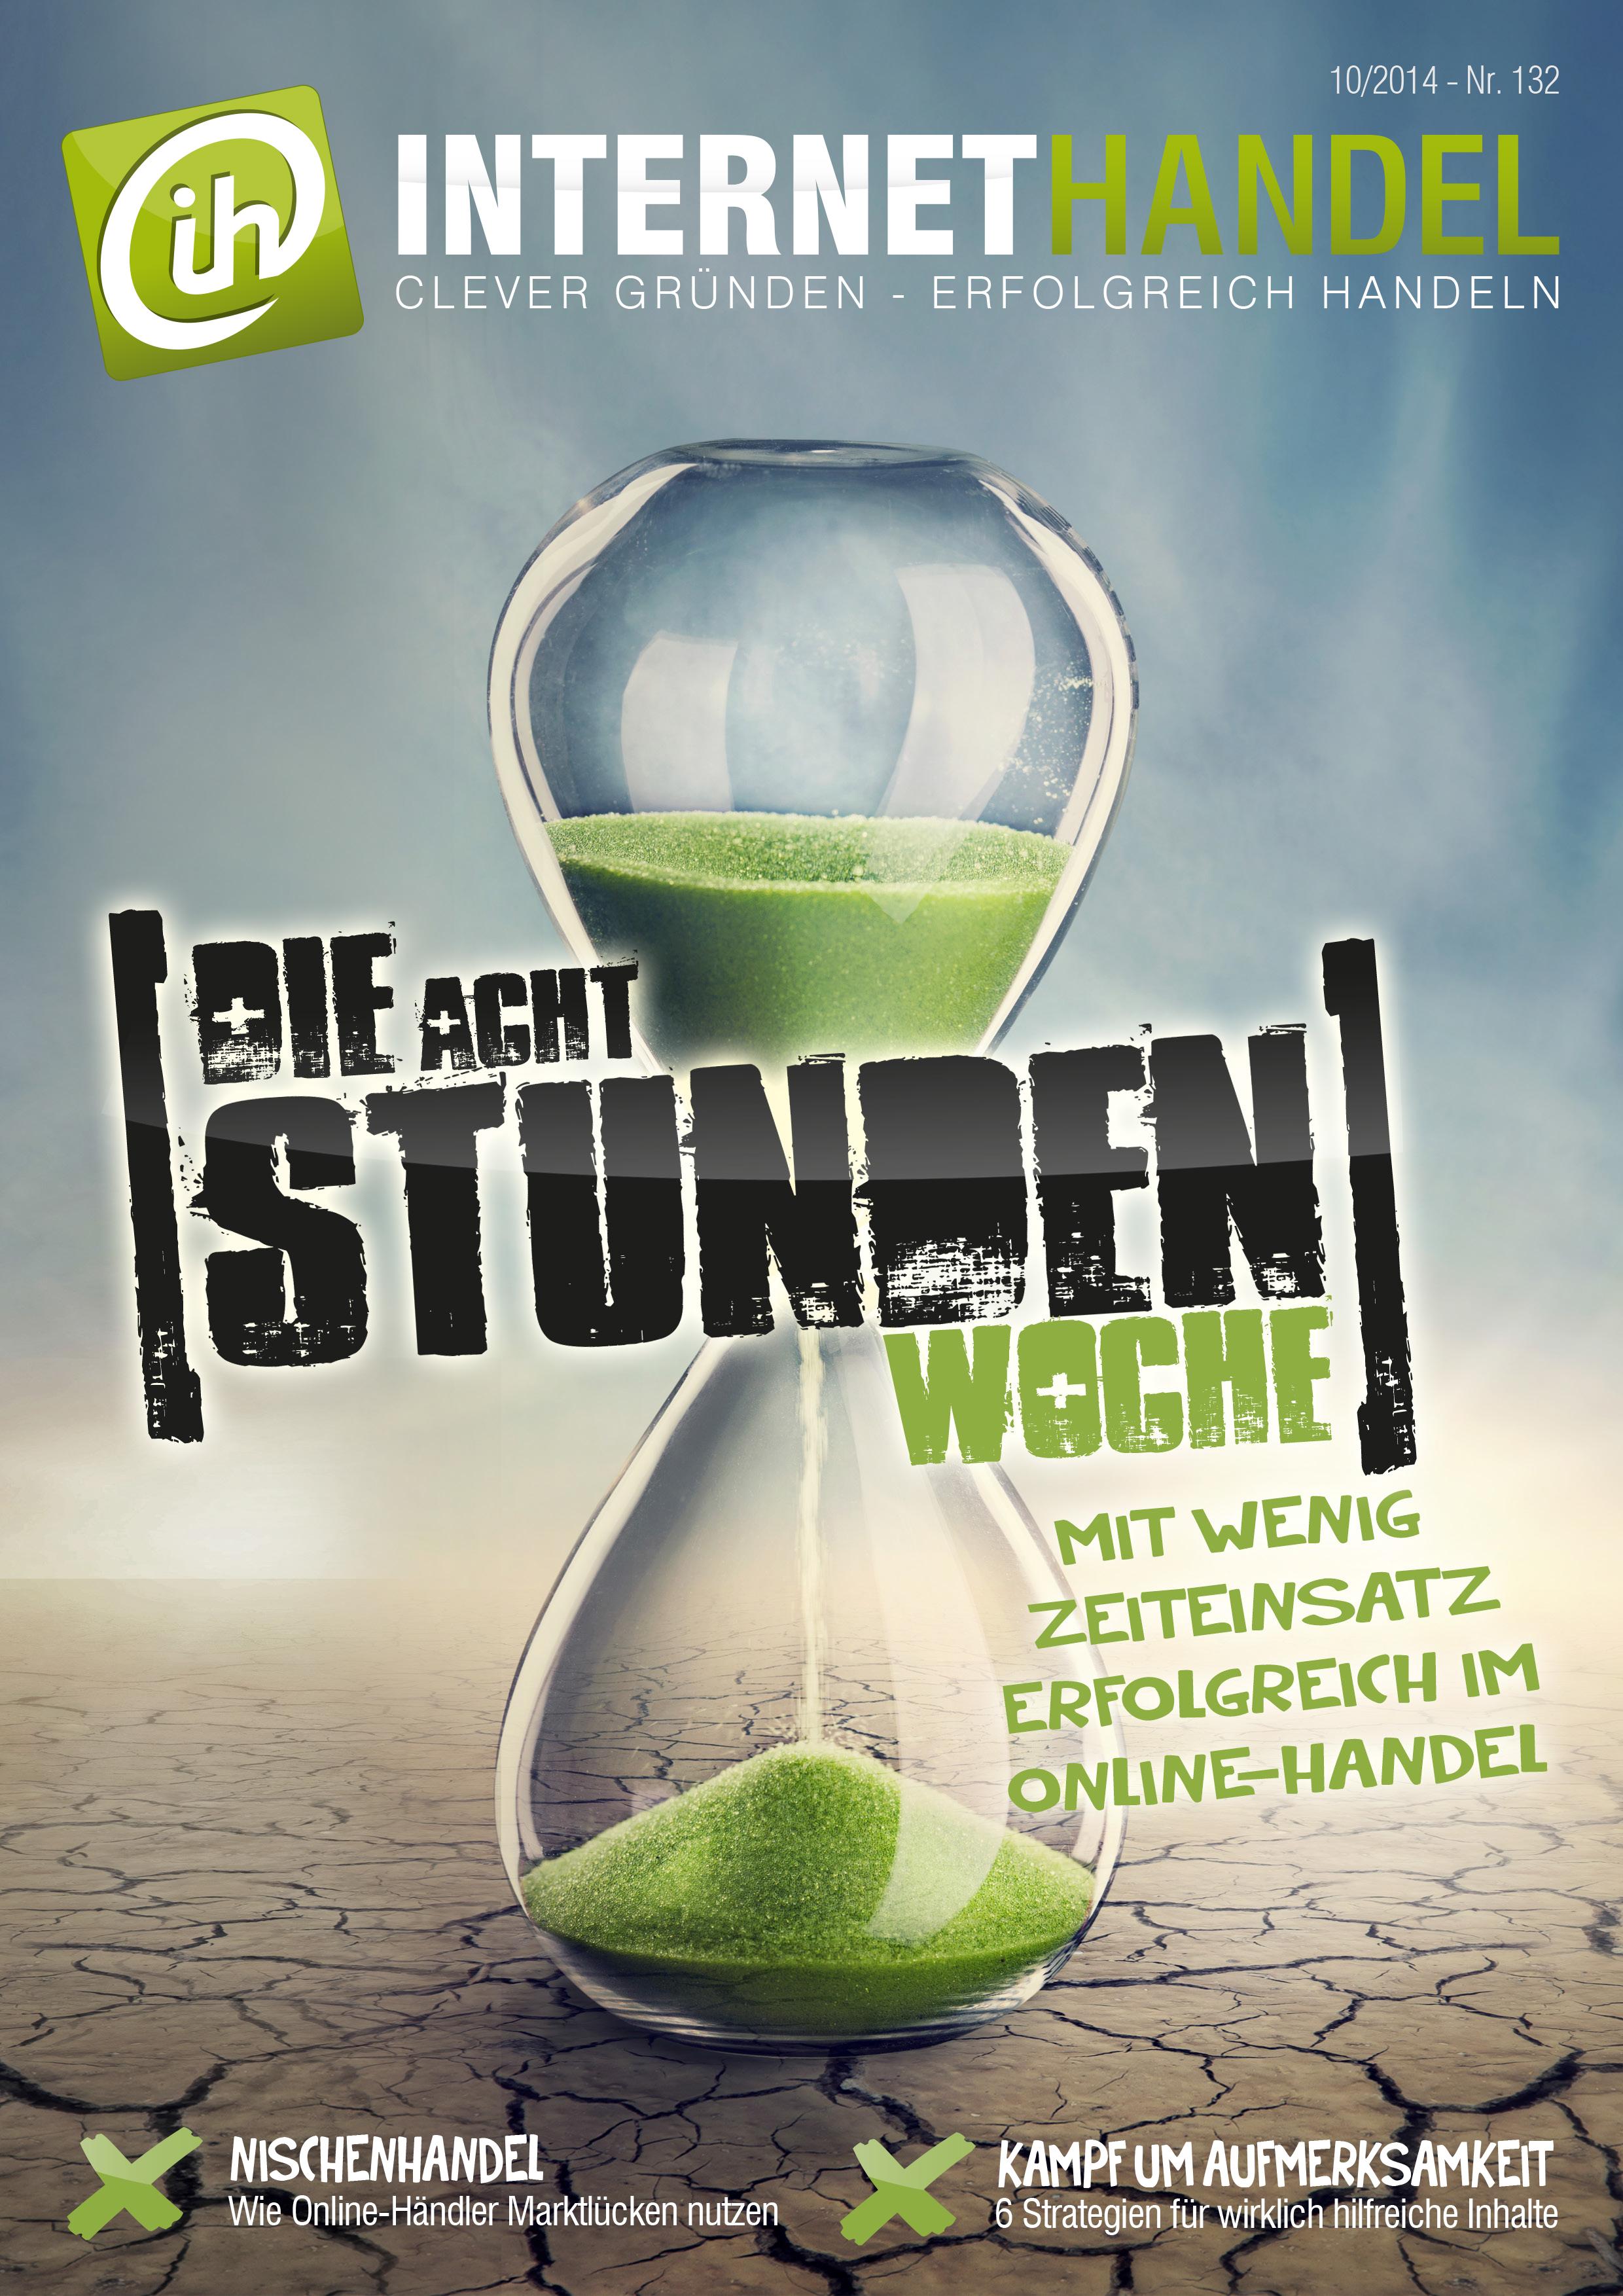 Cover_Oktober2014_Nr132